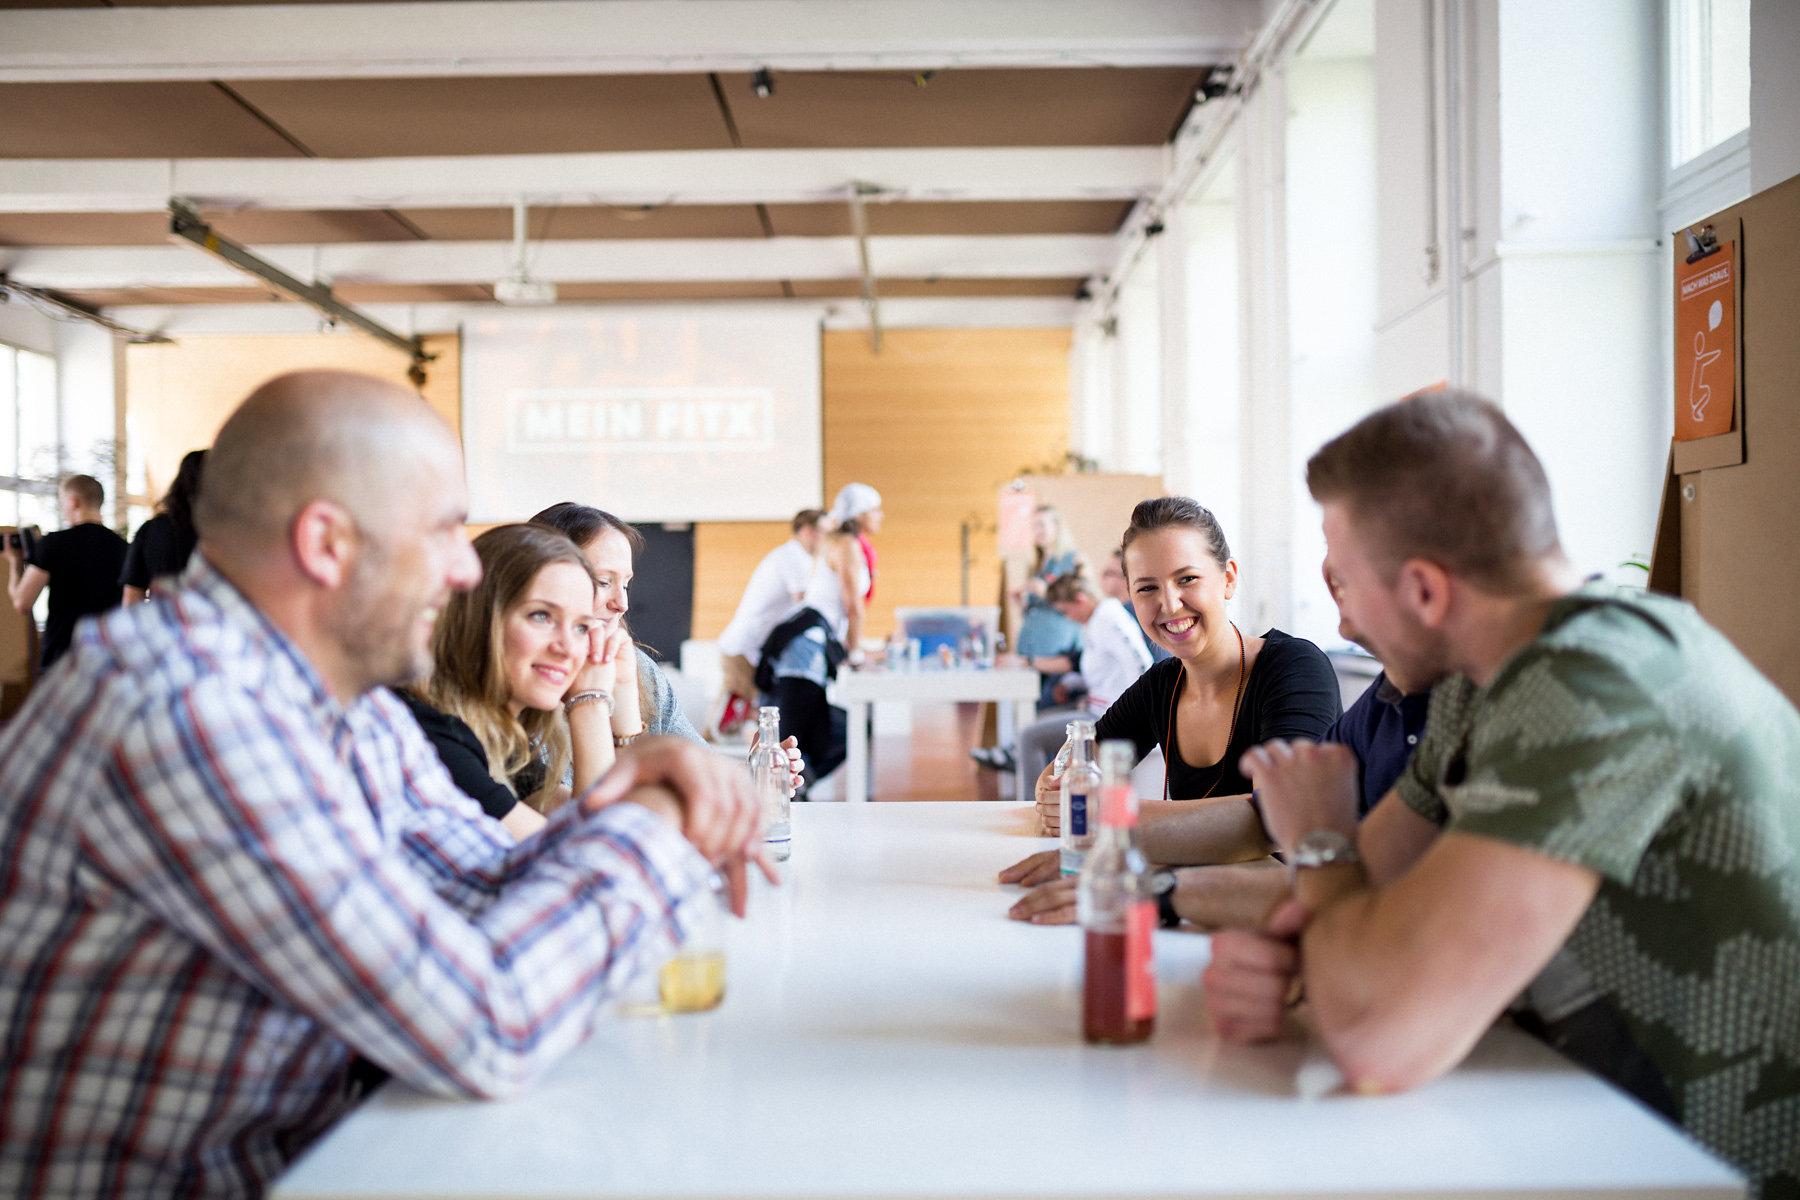 Gruppe Menschen sitzt an einem Tisch